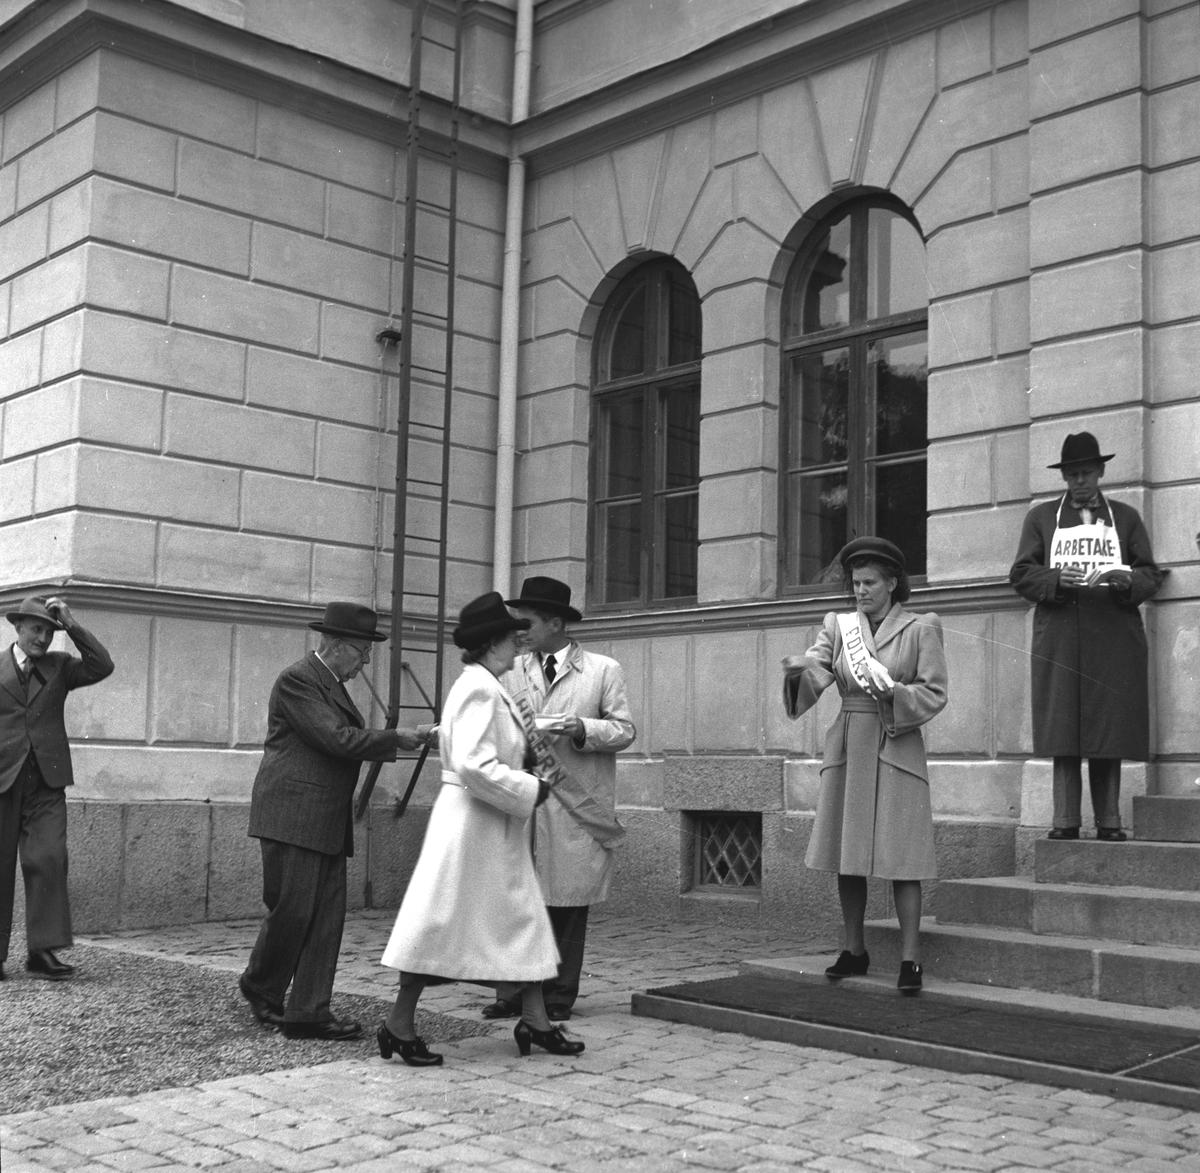 Valbilder tagna under valdagen. 19 september  1948.